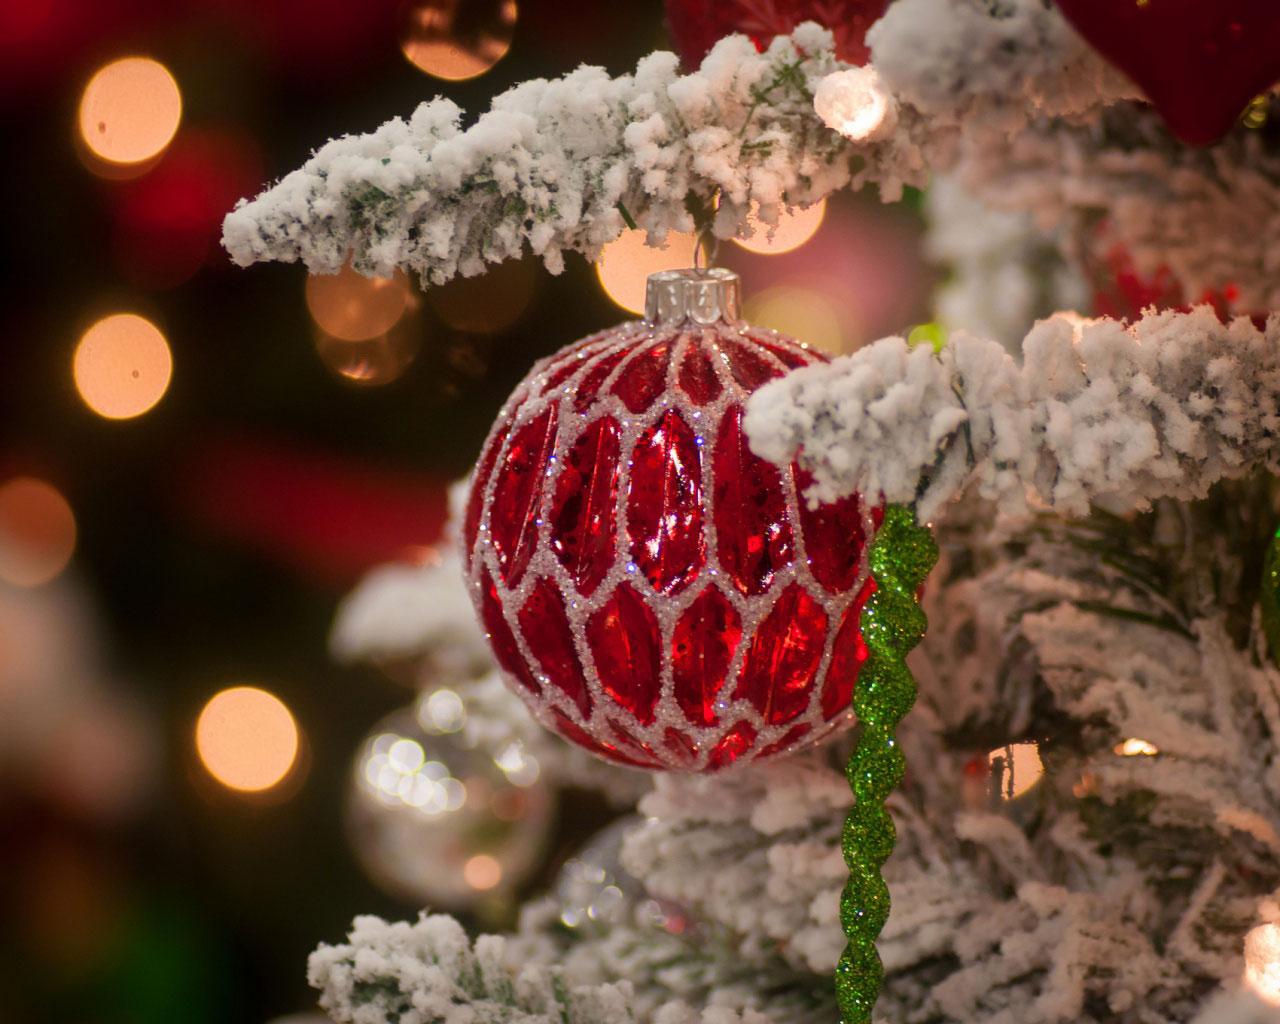 Ёлка и новогодние шары на ней